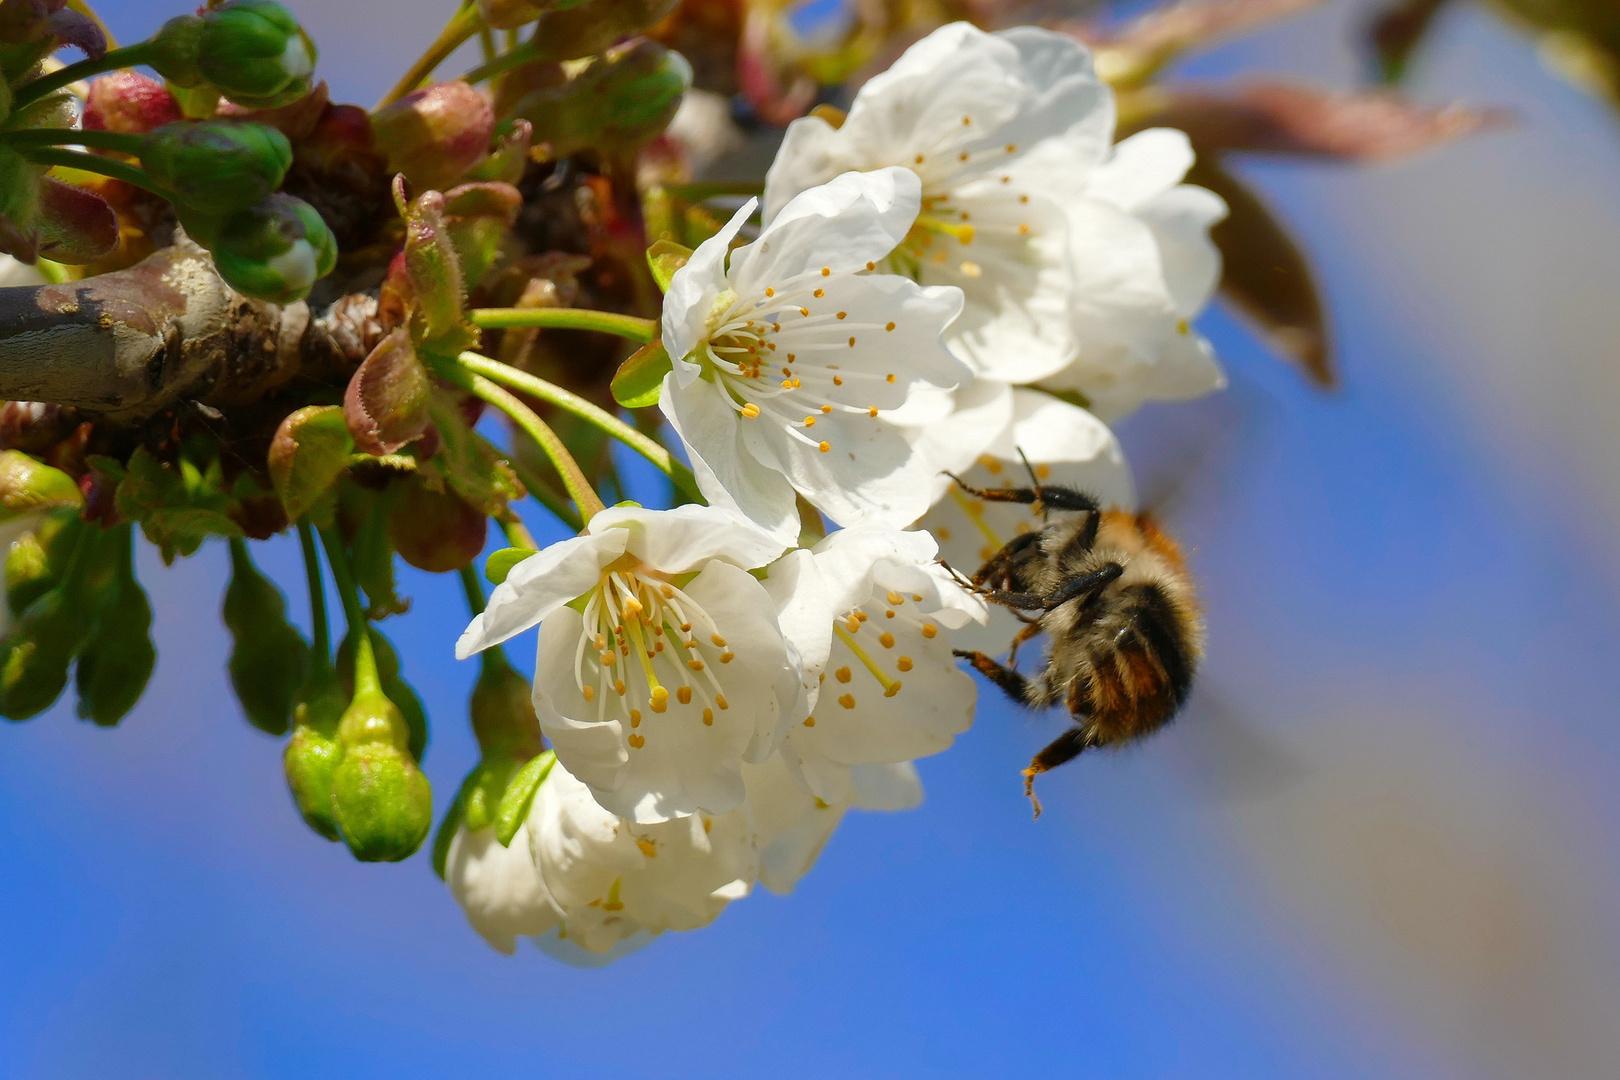 Frühlingsbild Foto & Bild | jahreszeiten, frühling, tiere und natur ...